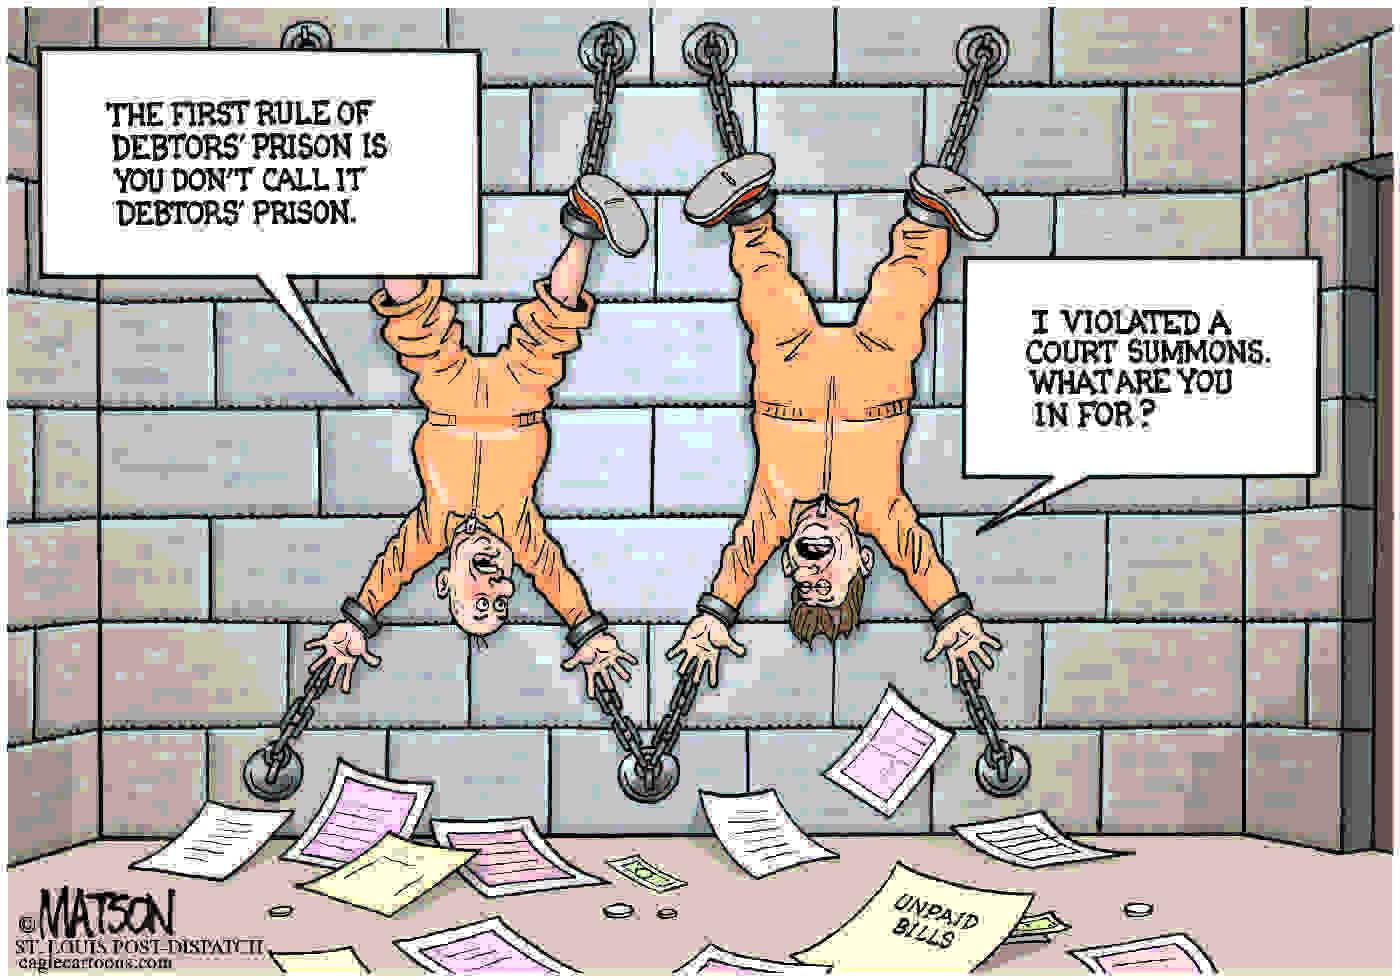 порно комикс про тюрьму № 126012 загрузить